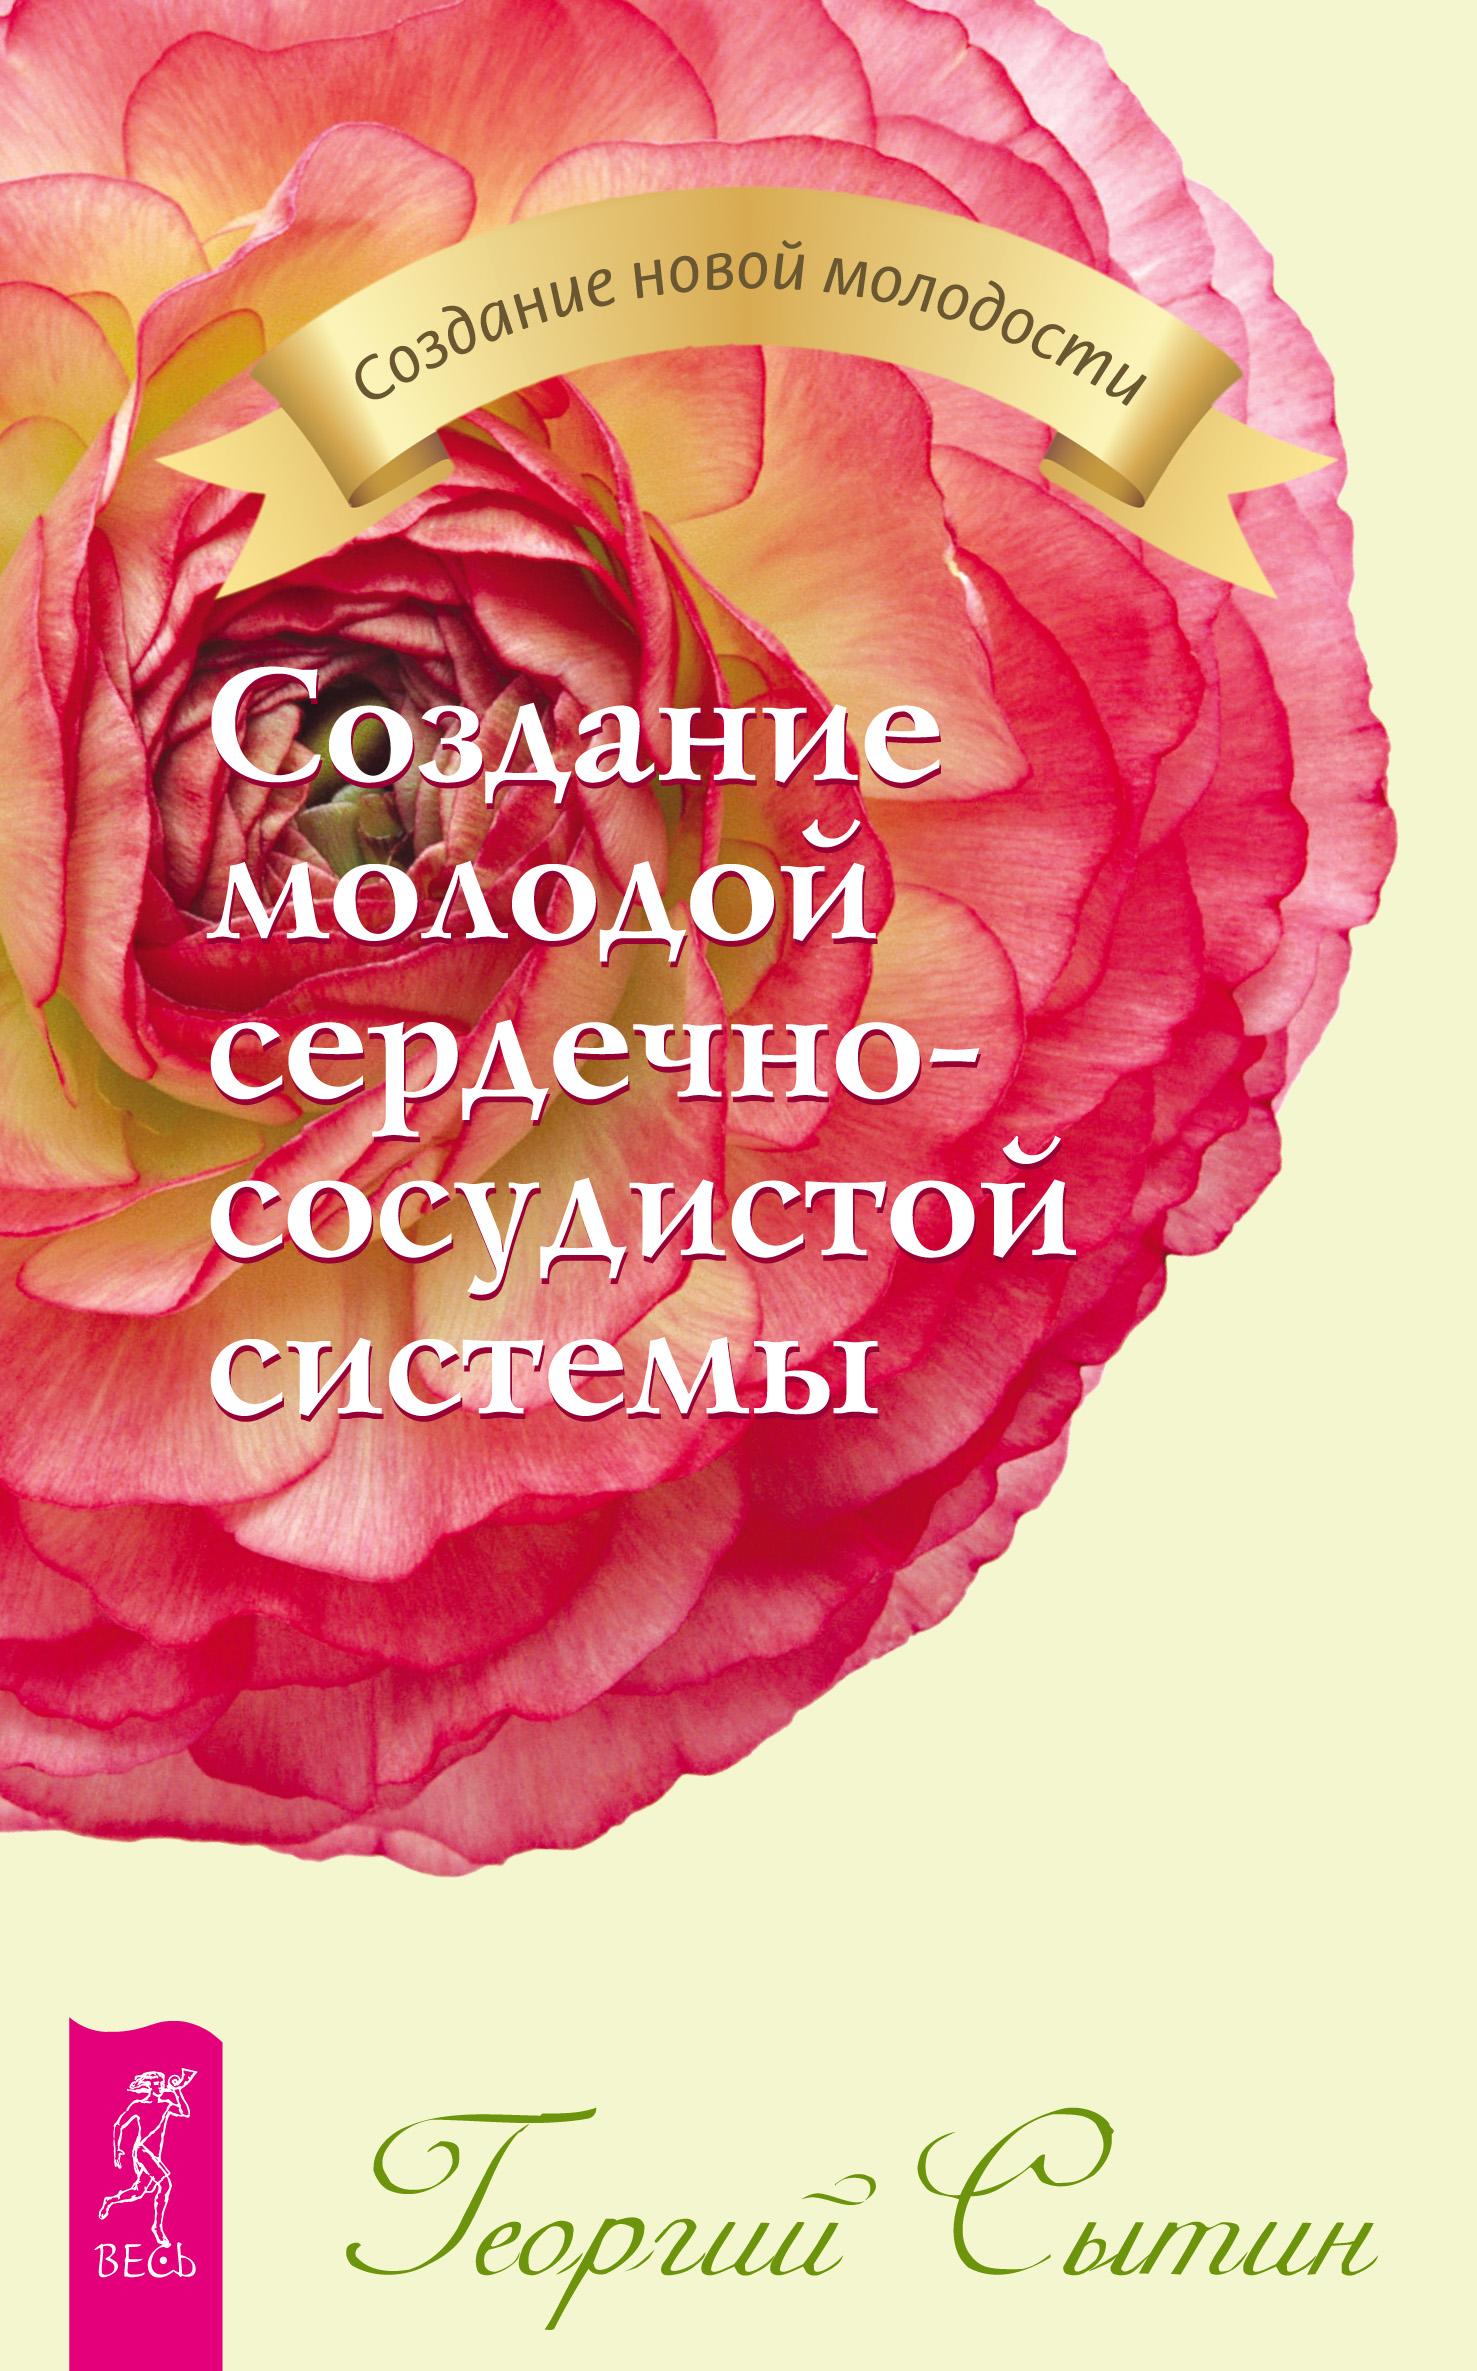 Георгий Сытин Создание молодой сердечно-сосудистой системы